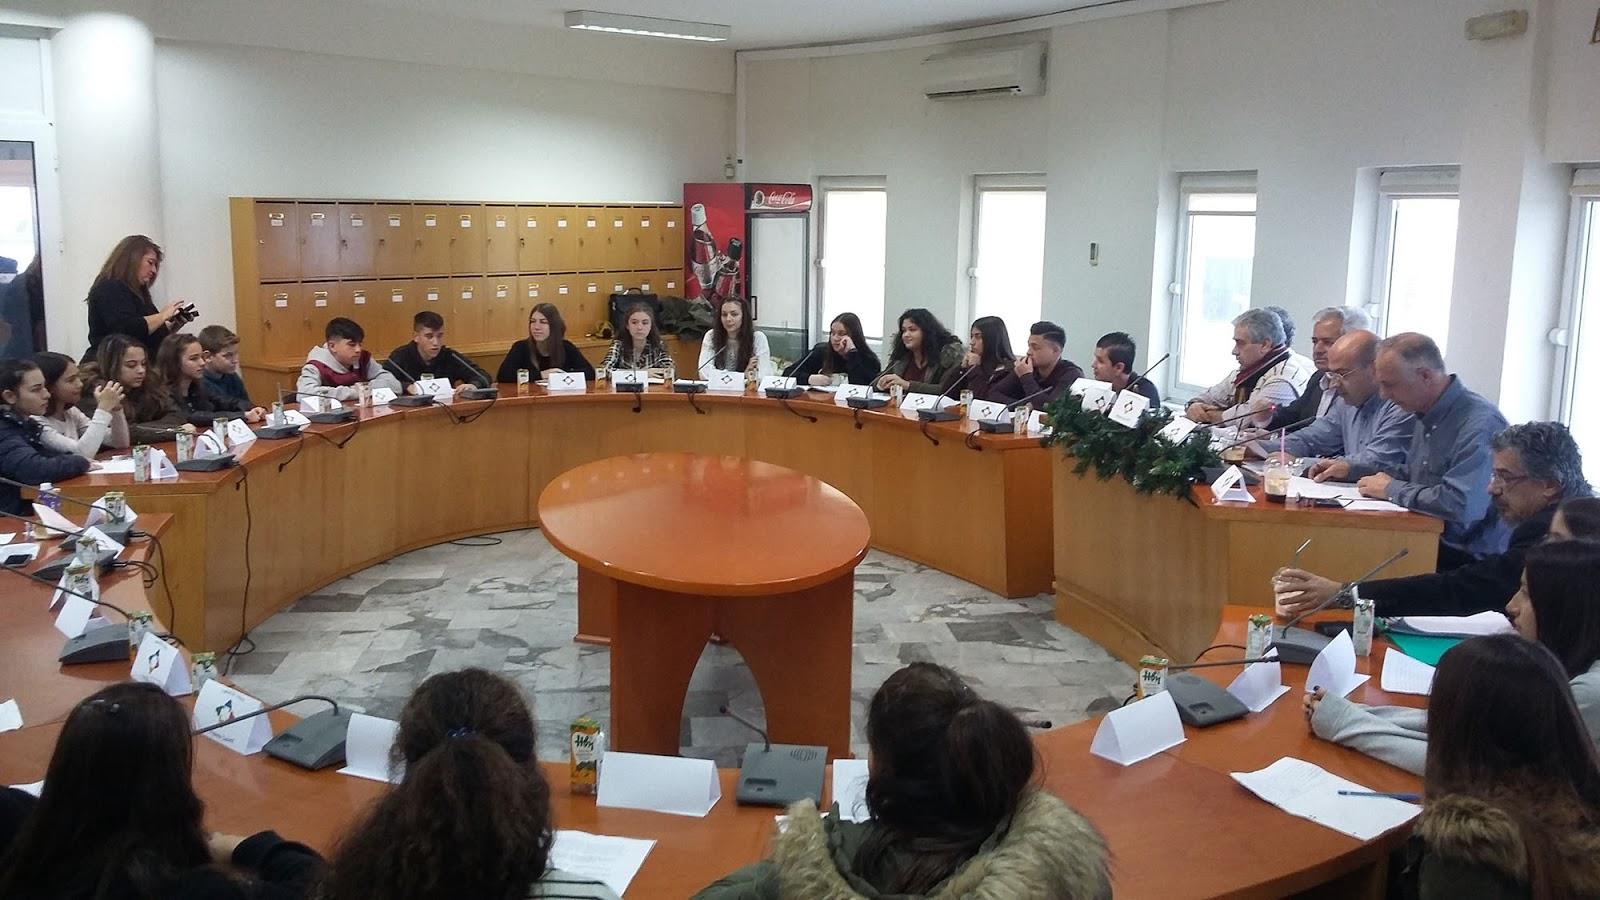 Συνεδριάζει το 7ο Συμβούλιο Νεολαίας του Δήμου Μαλεβιζίου